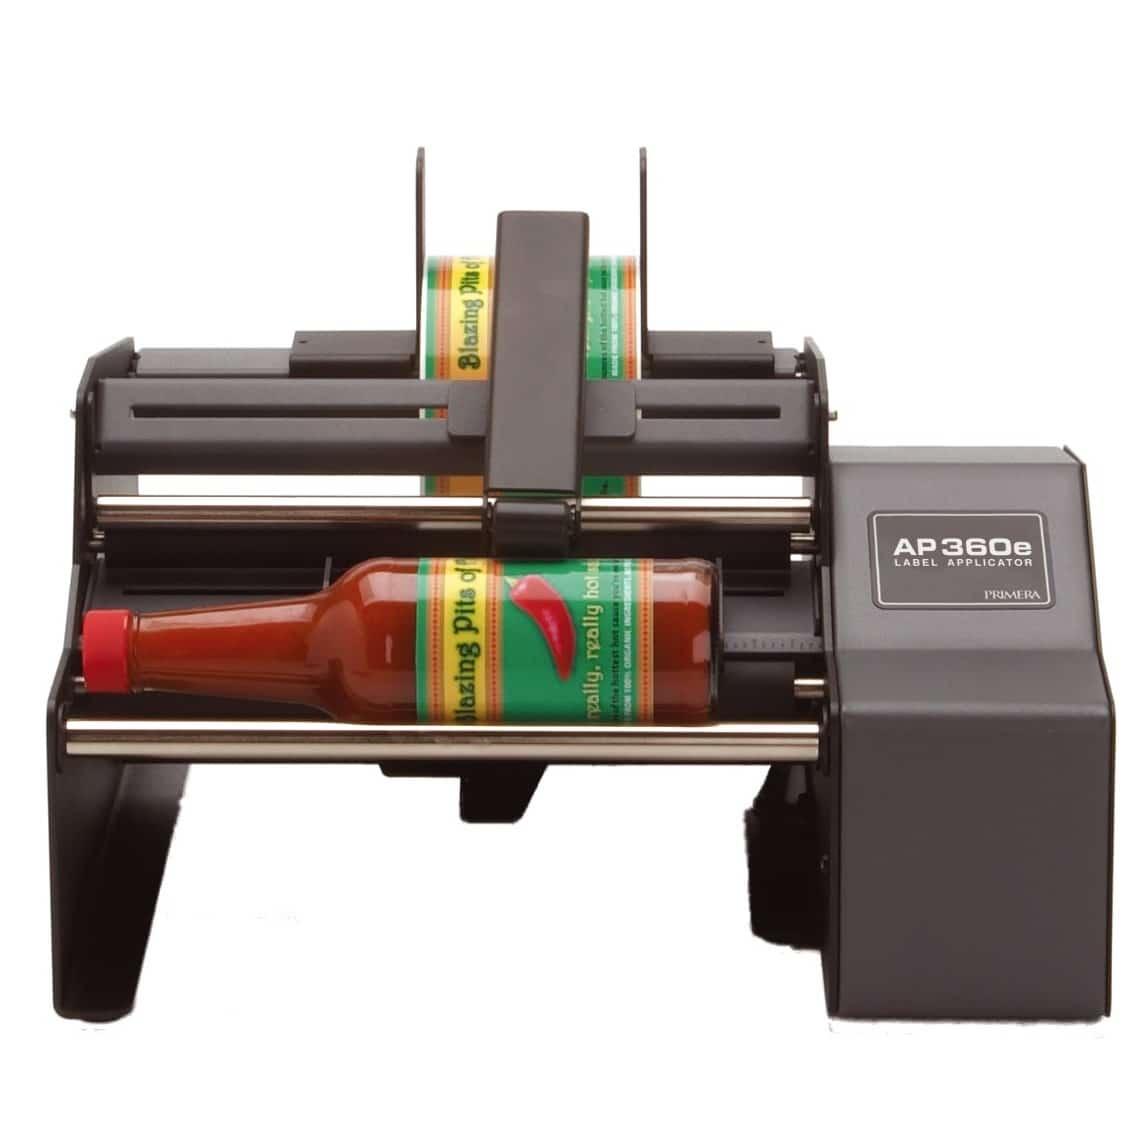 Applicateur d'étiquettes PRIMERA AP360e